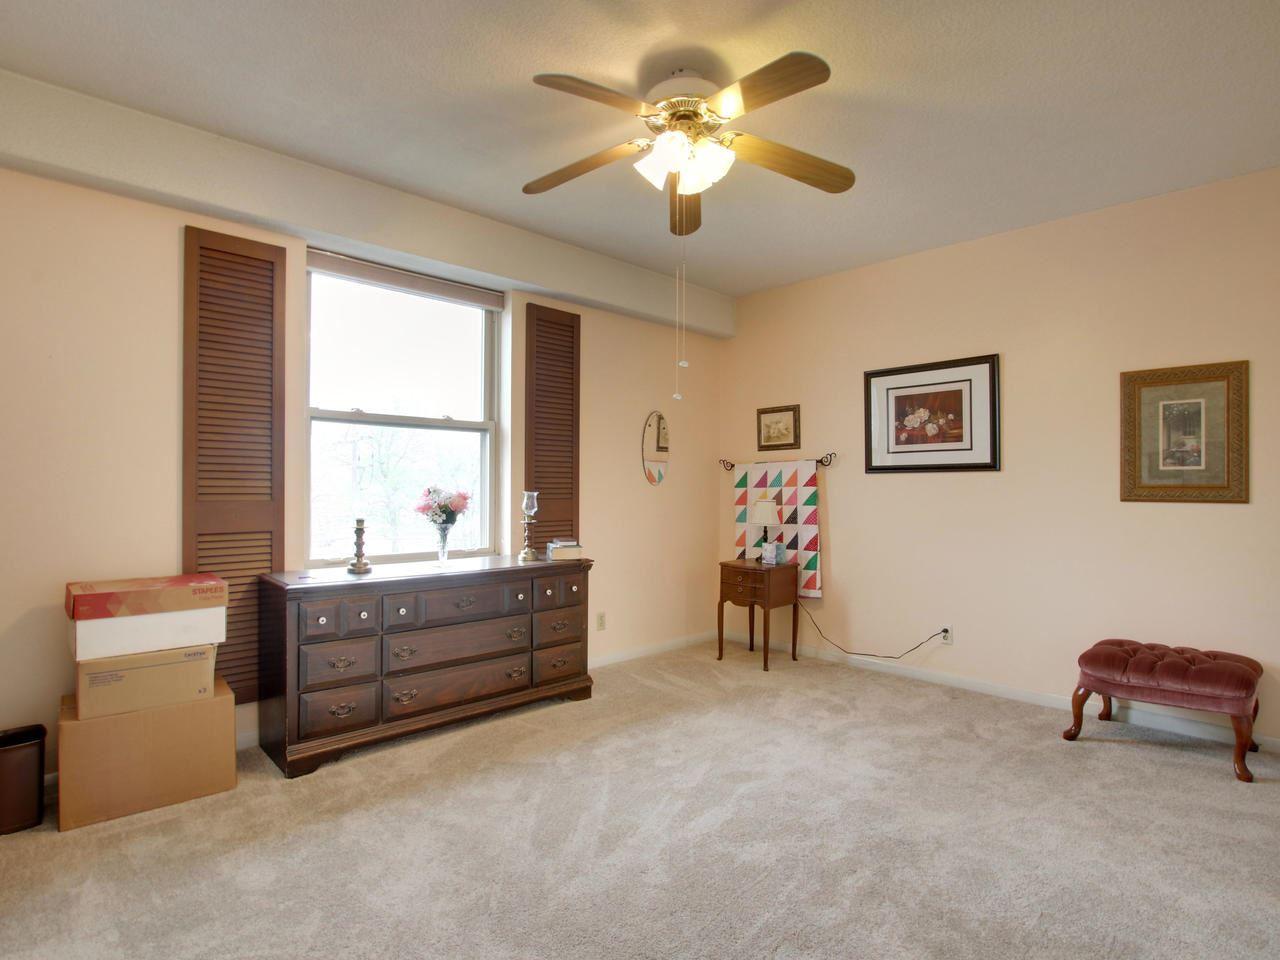 For Sale: 5051 E Lincoln St Apt 3G, Wichita KS